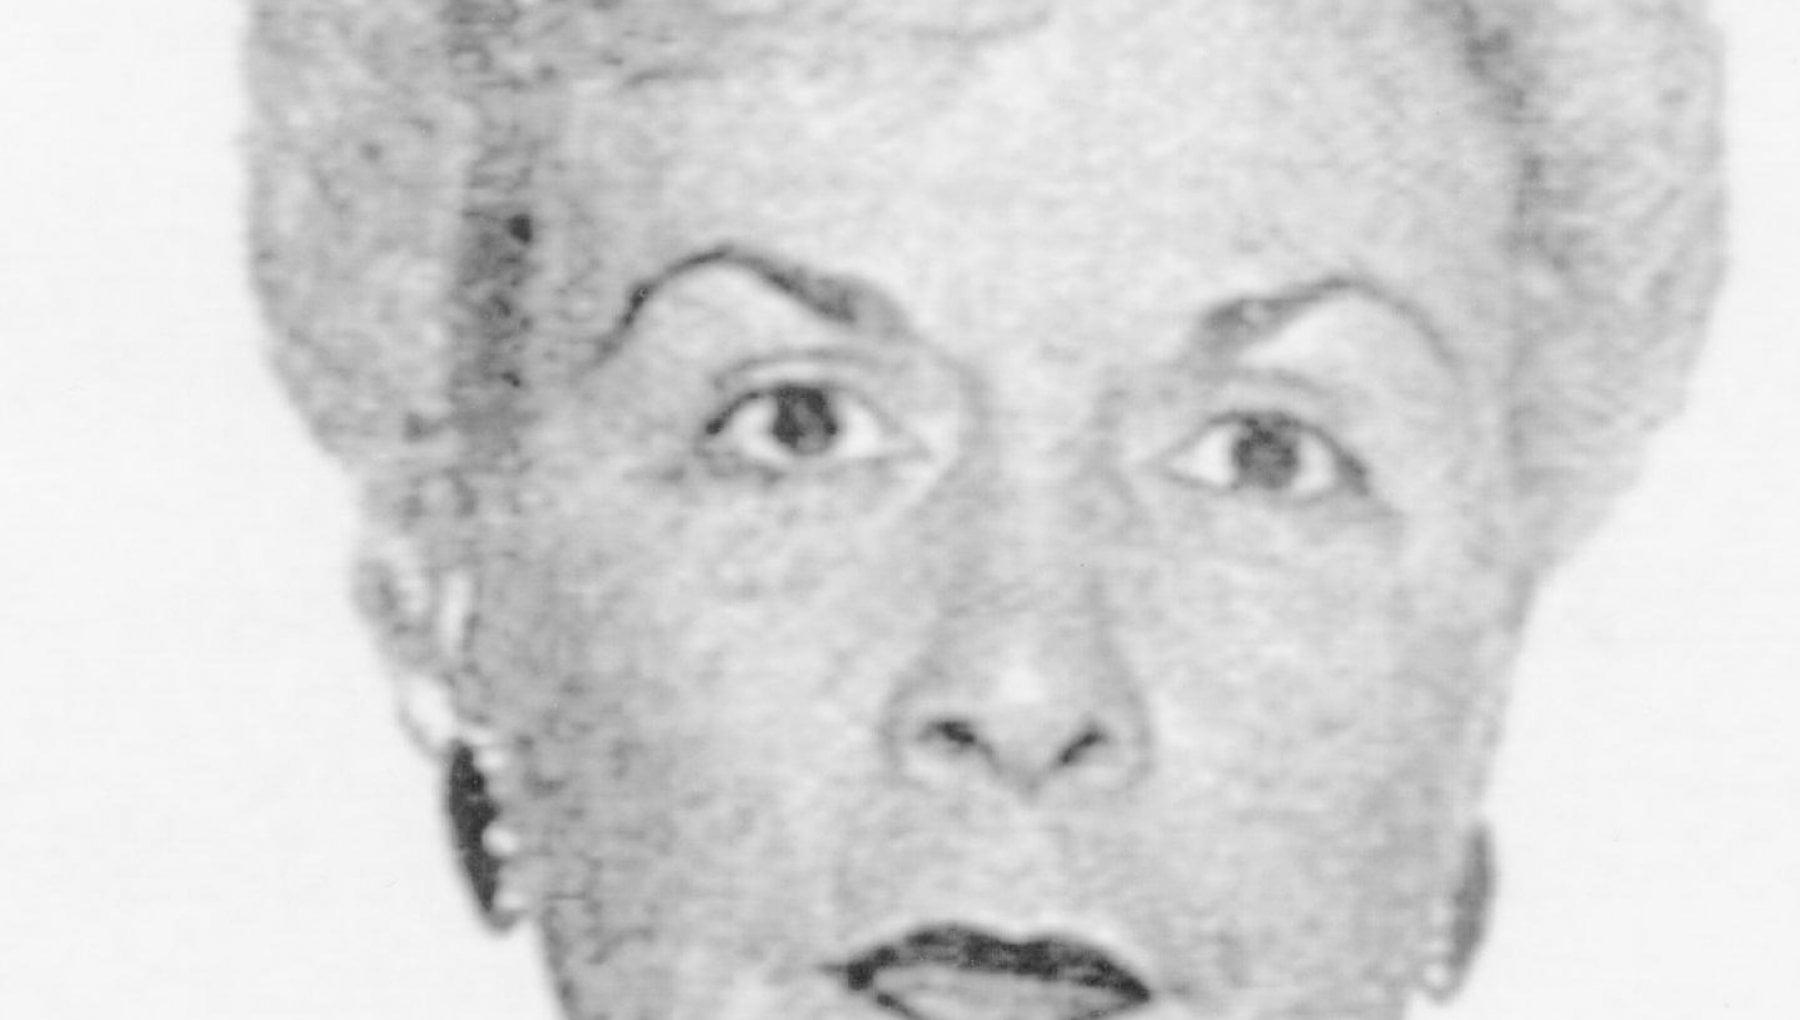 Pistoia 24 anni dopo si riaprono le indagini sul caso Bonacchi il dna potrebbe svelare chi lha uccisa